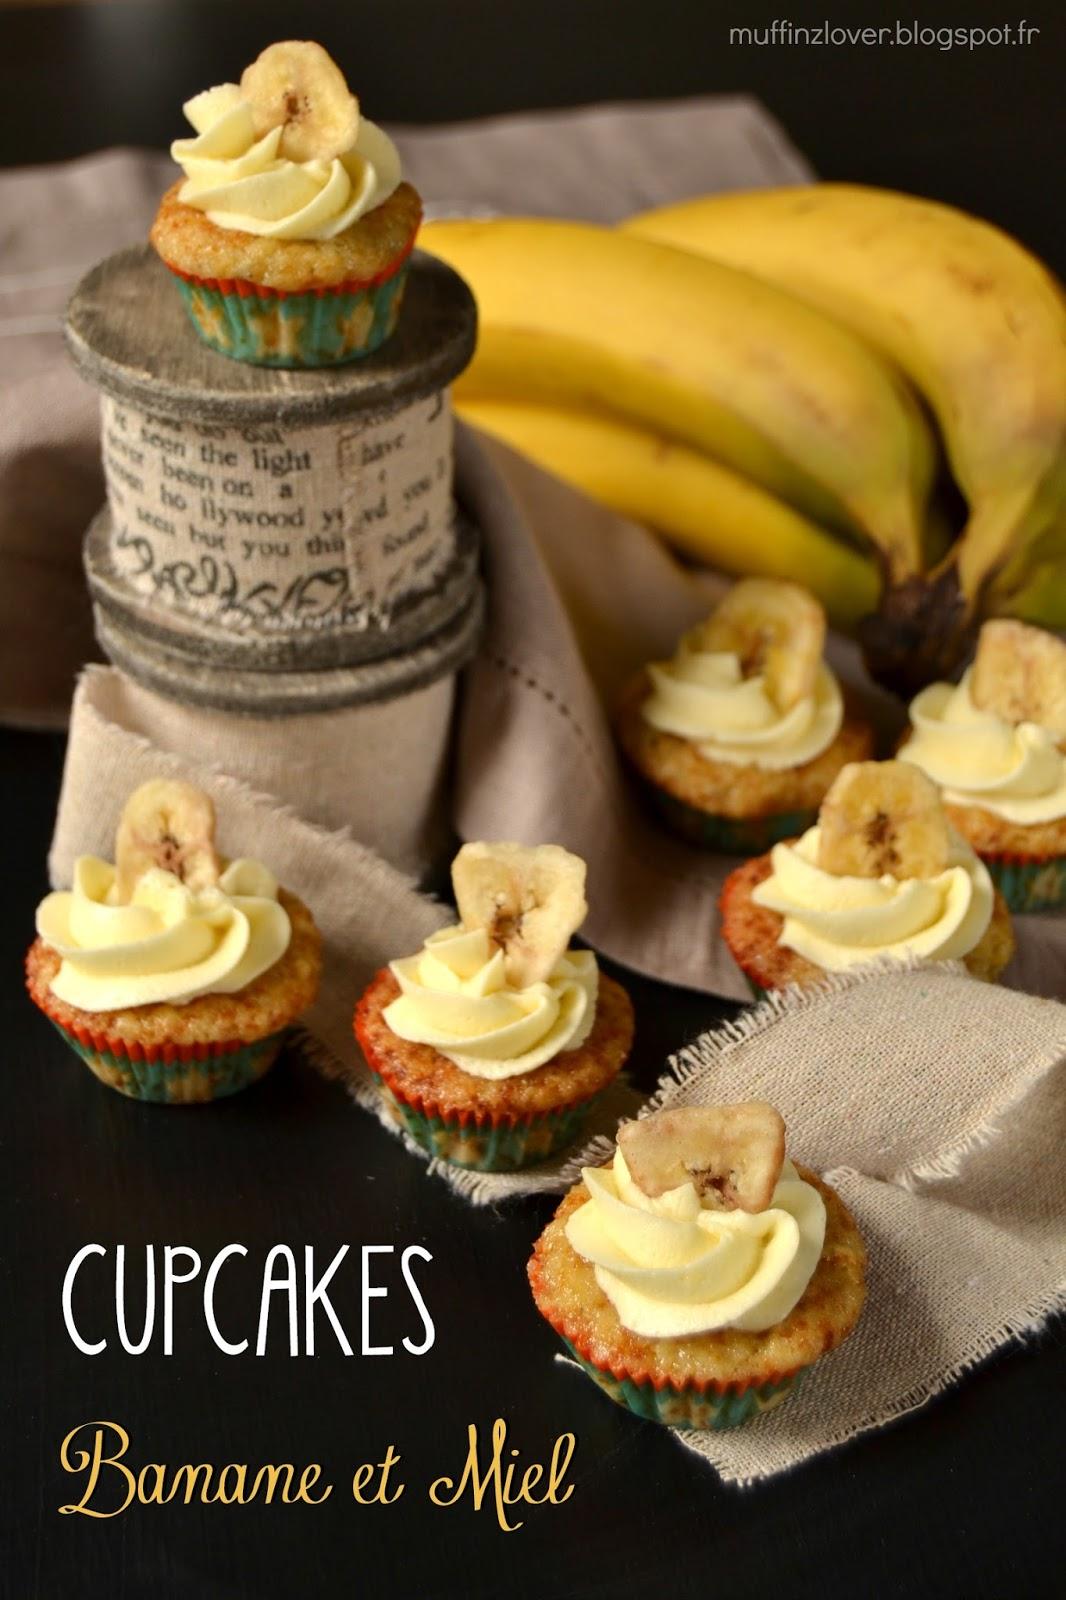 Recette Cupcakes banane-miel - muffinzlover.blogspot.fr